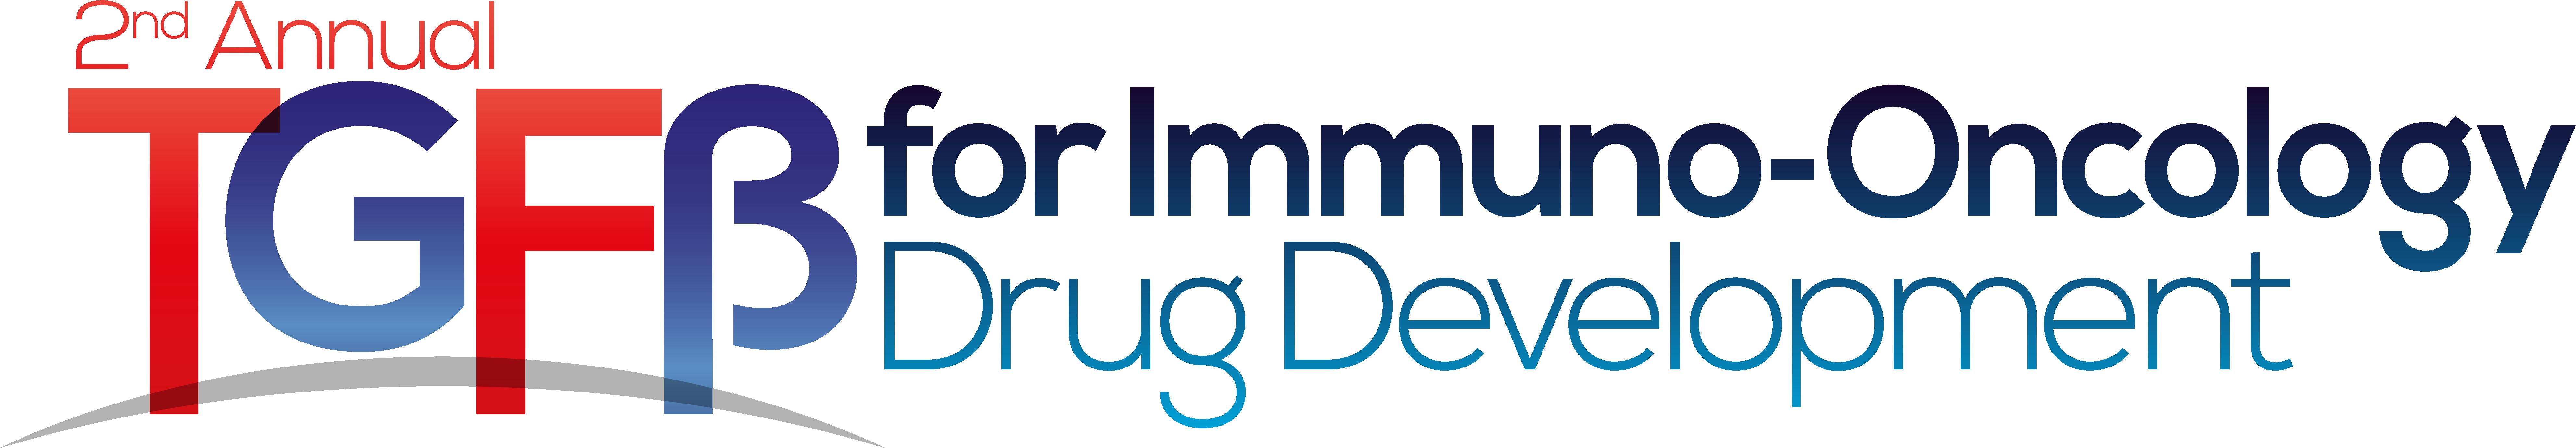 HW200827 20626 Digital TGFb for IO Drug Development FINAL